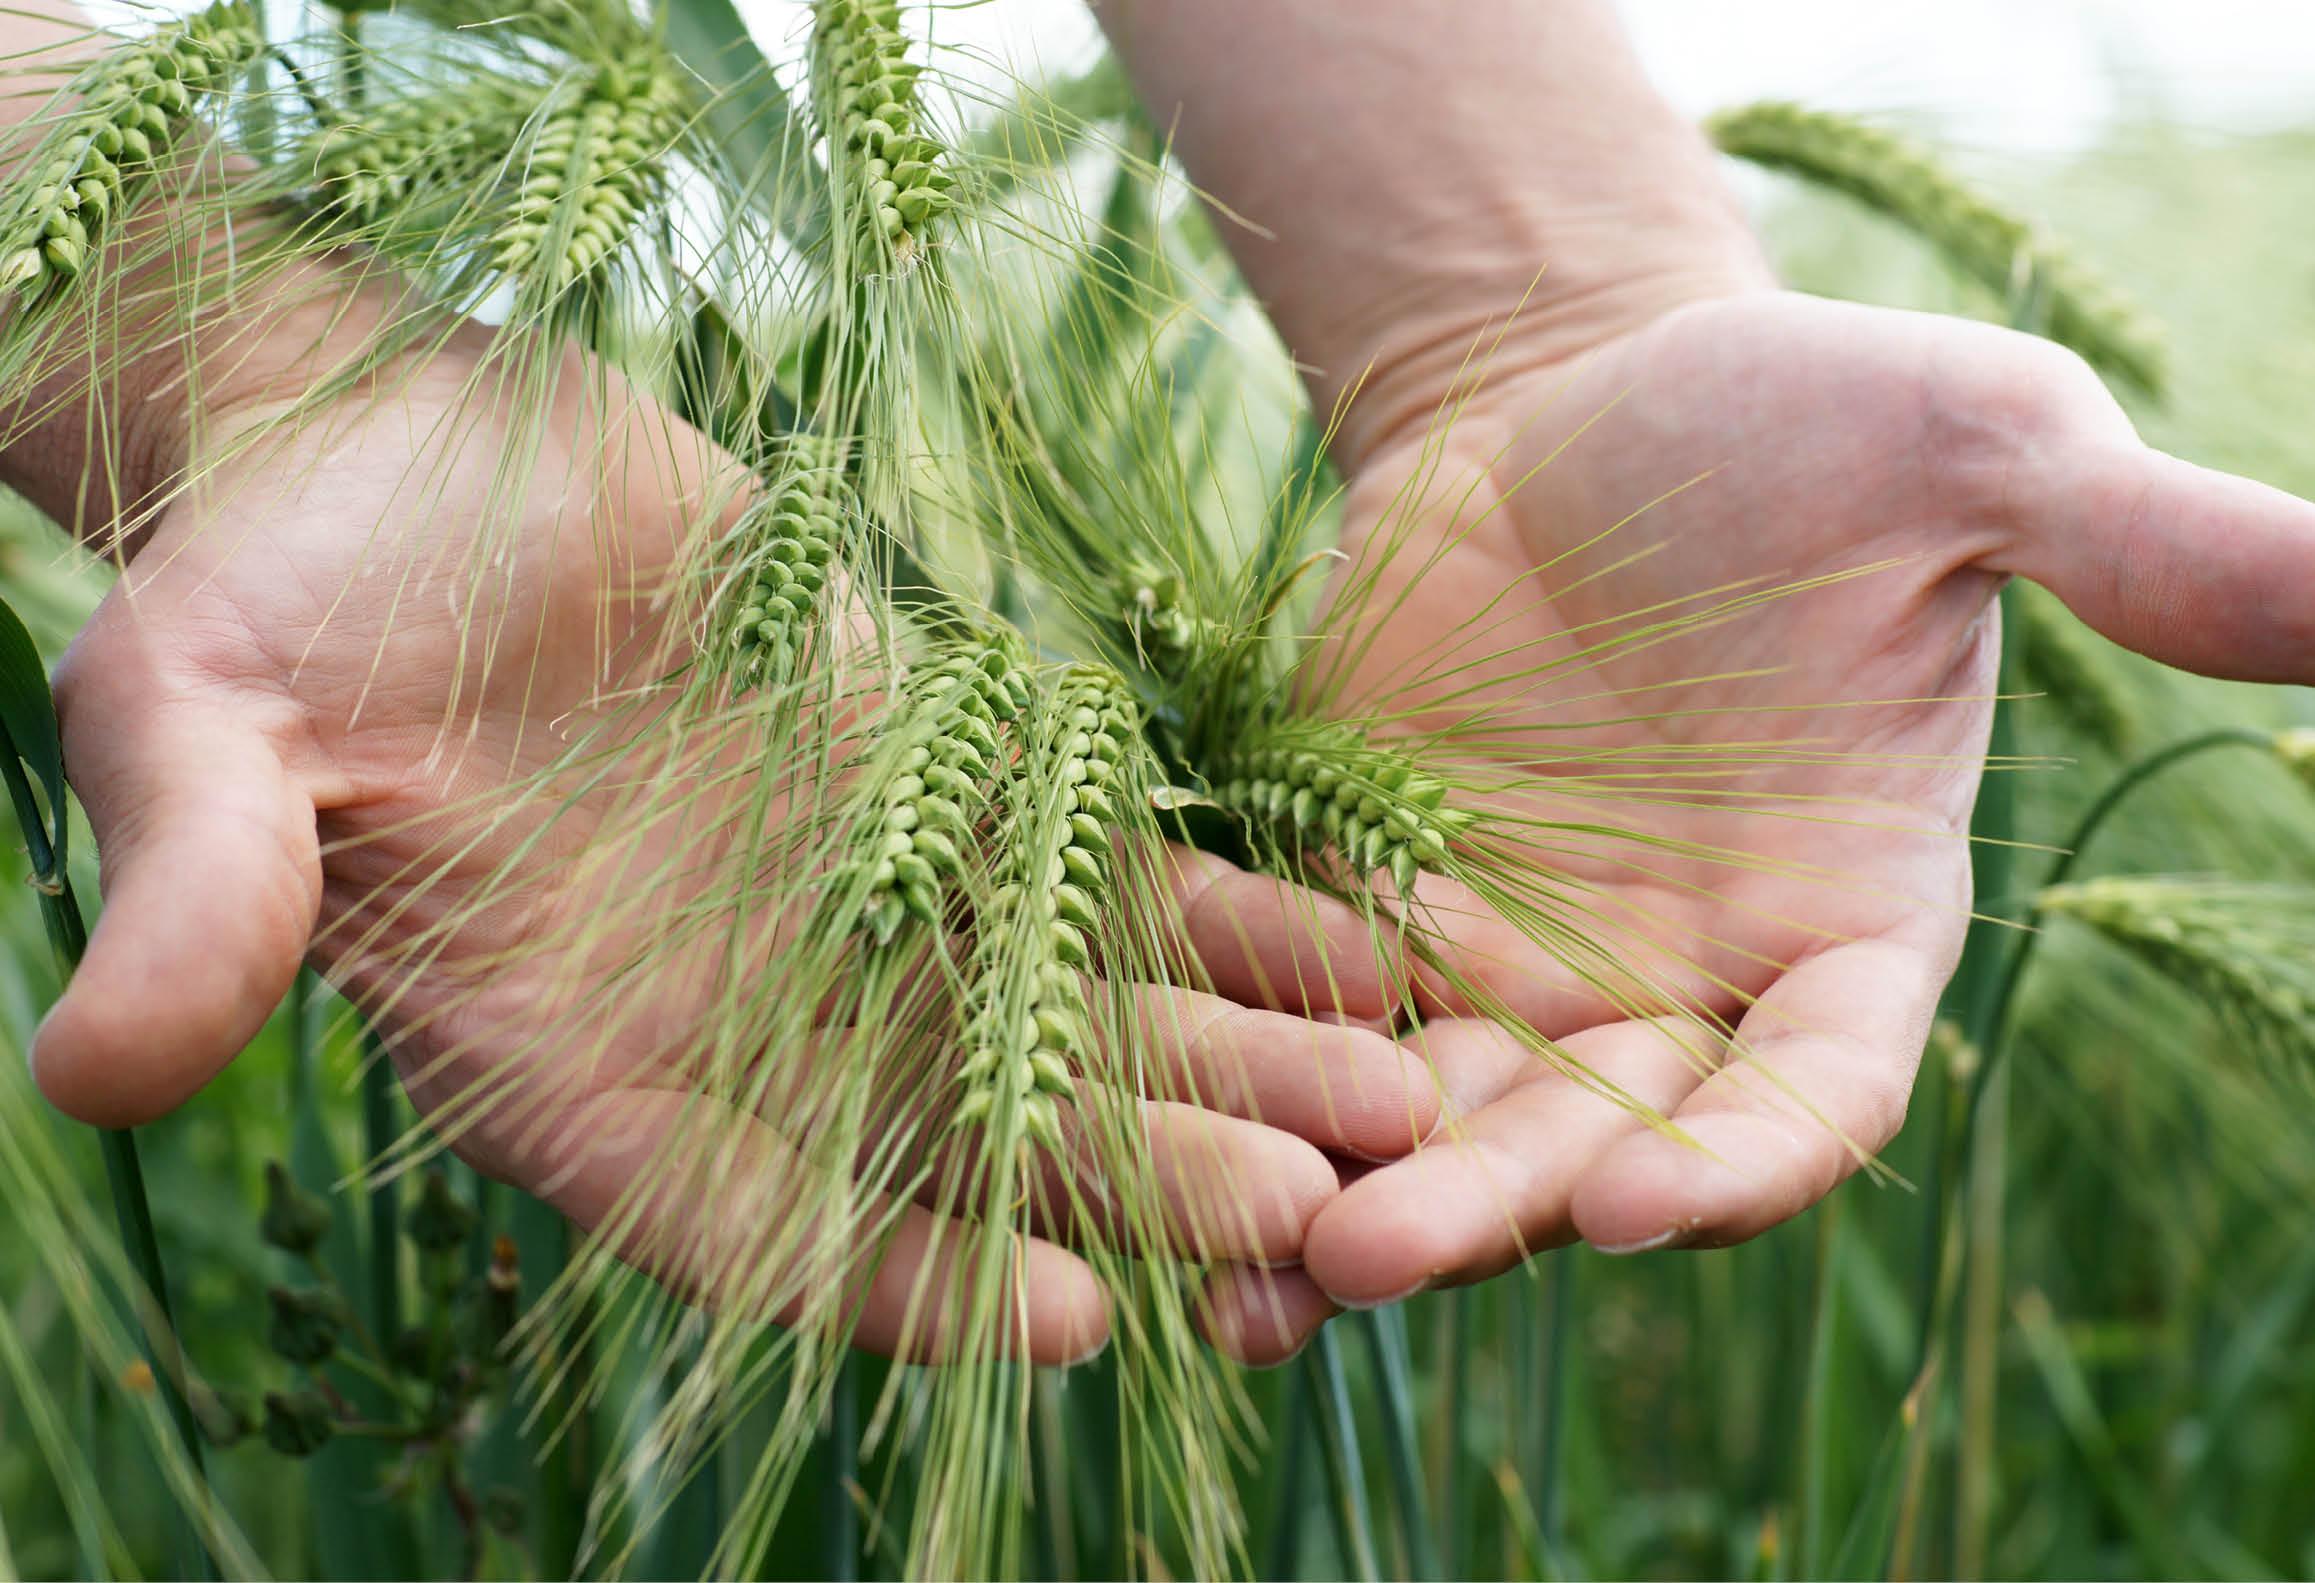 Händer som håller fram sädesslaget korn